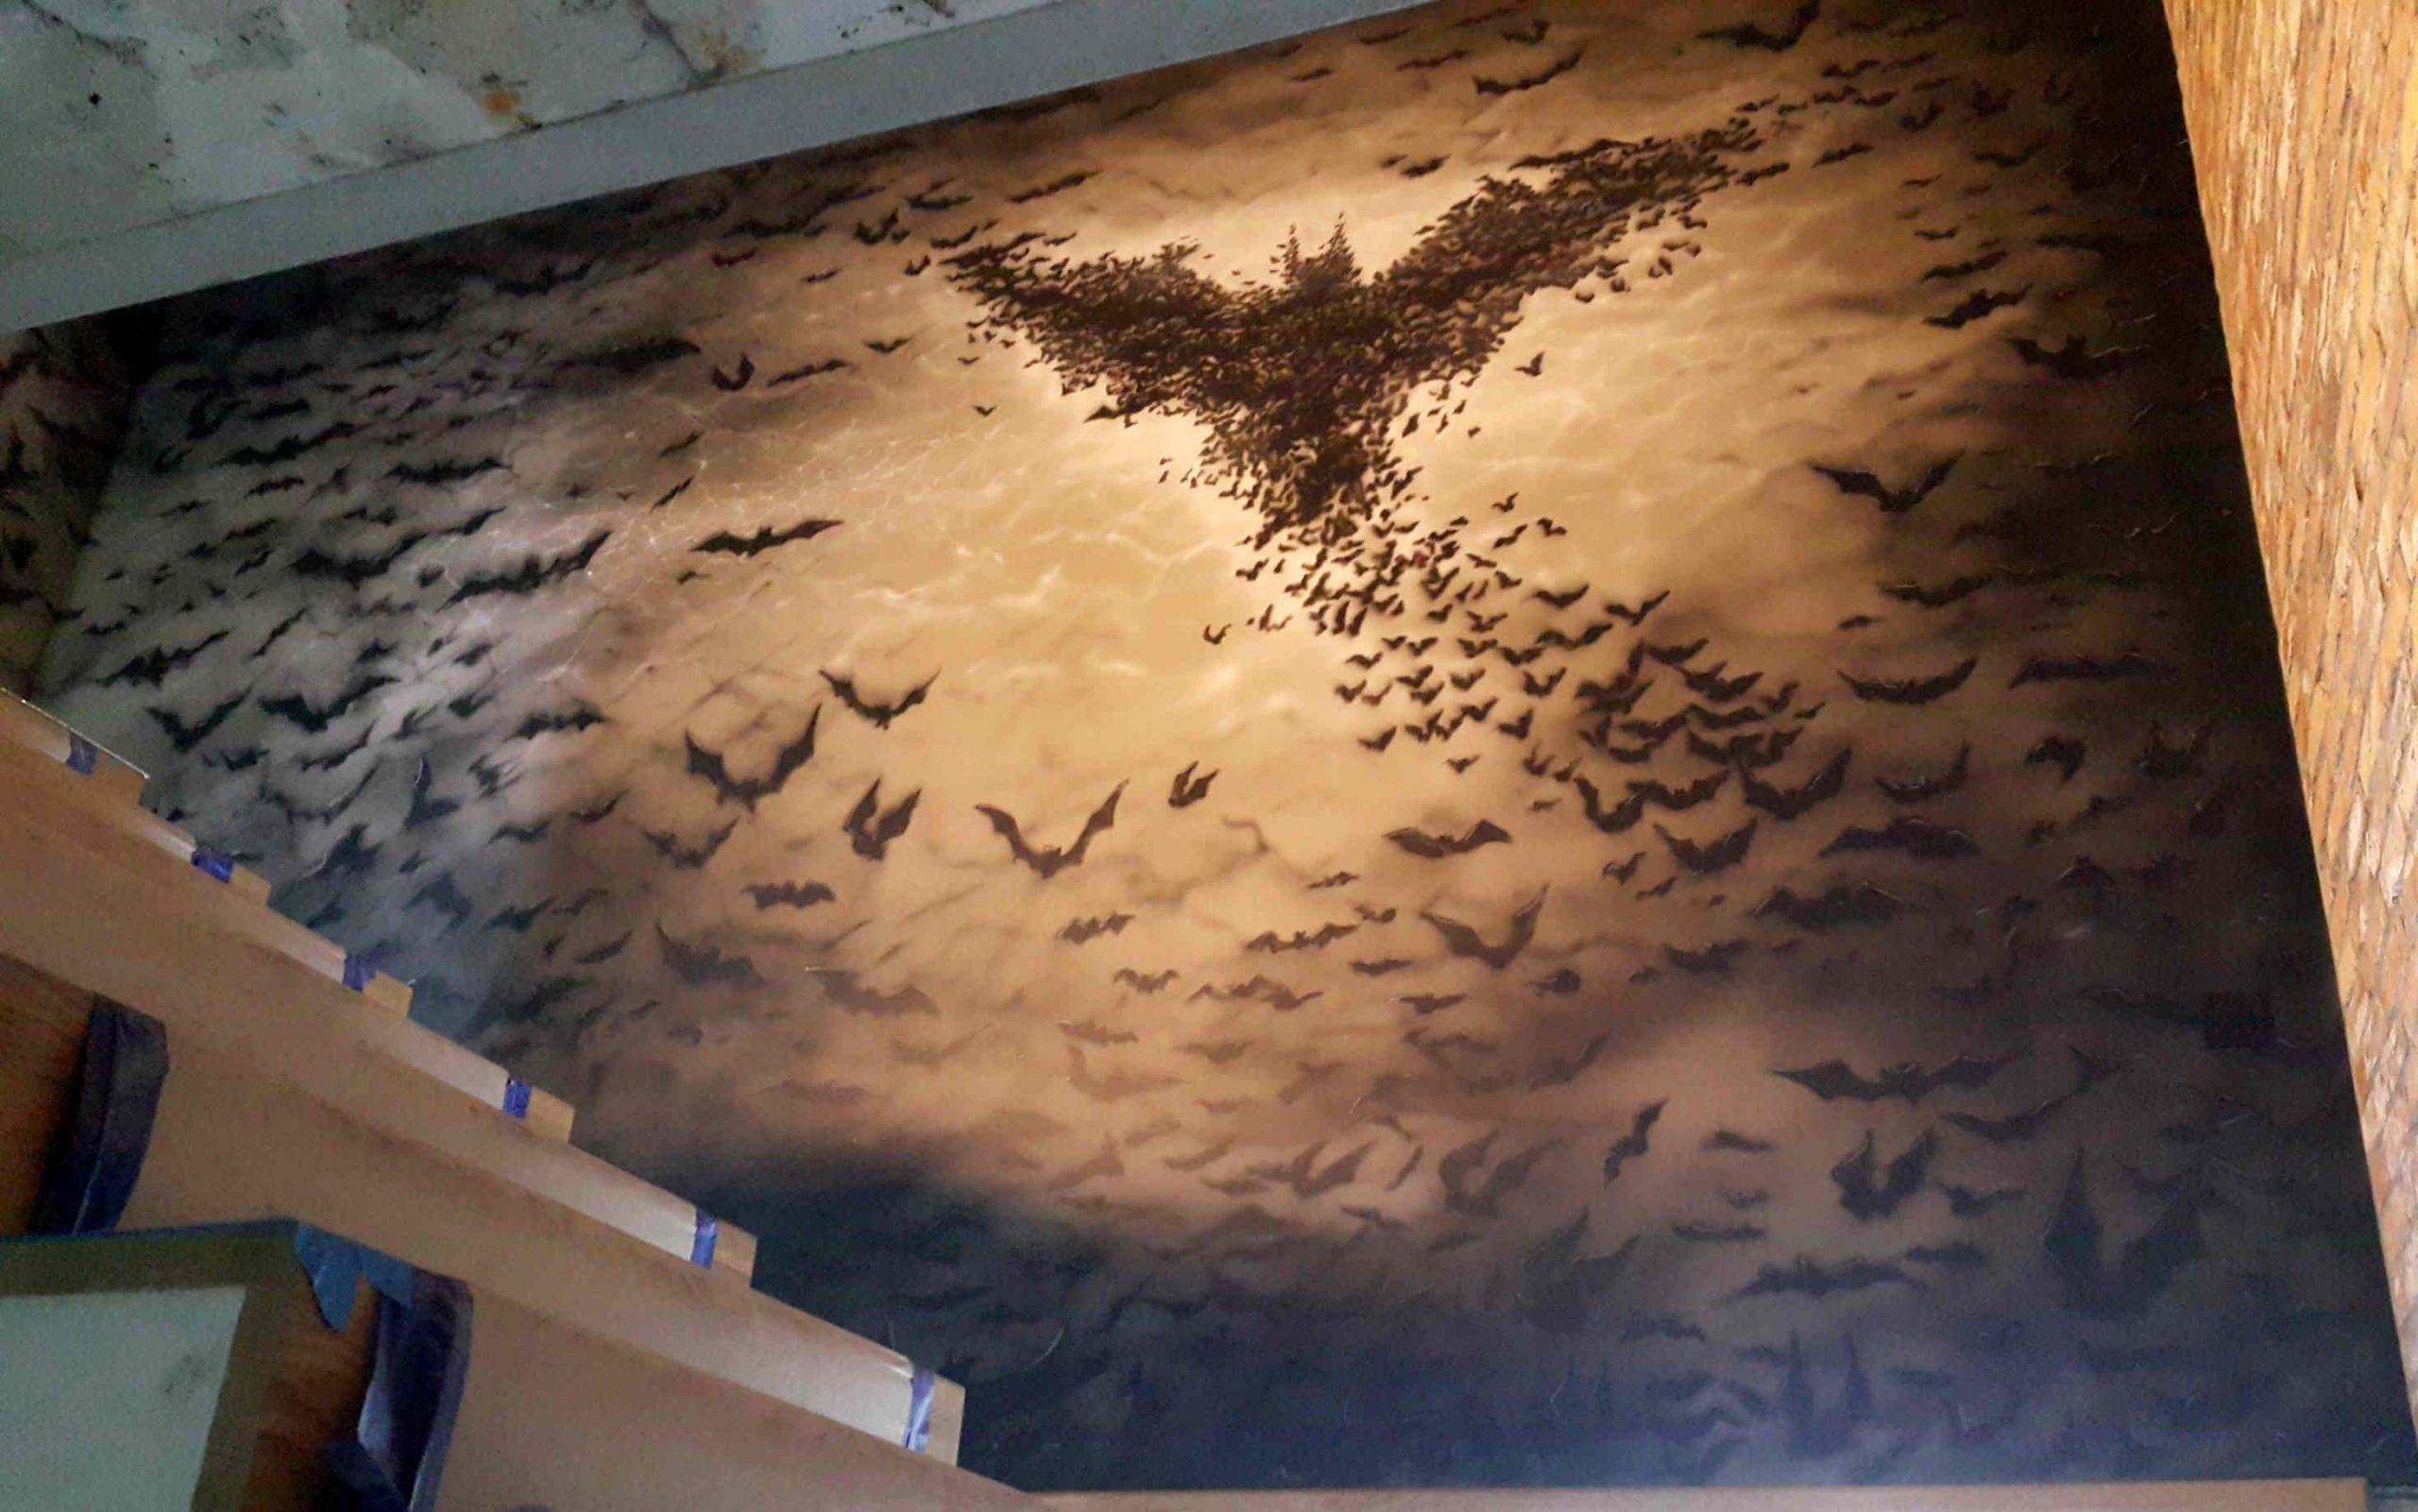 Klimatyczny mural na klatce schodowej, malowanie klatki schodowej w nietypowy sposób